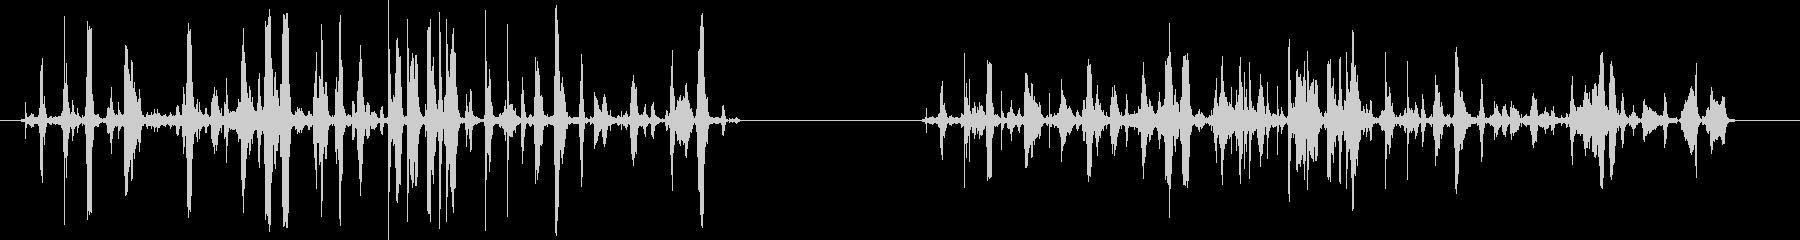 ファイトシーン-2バージョン-処理...の未再生の波形